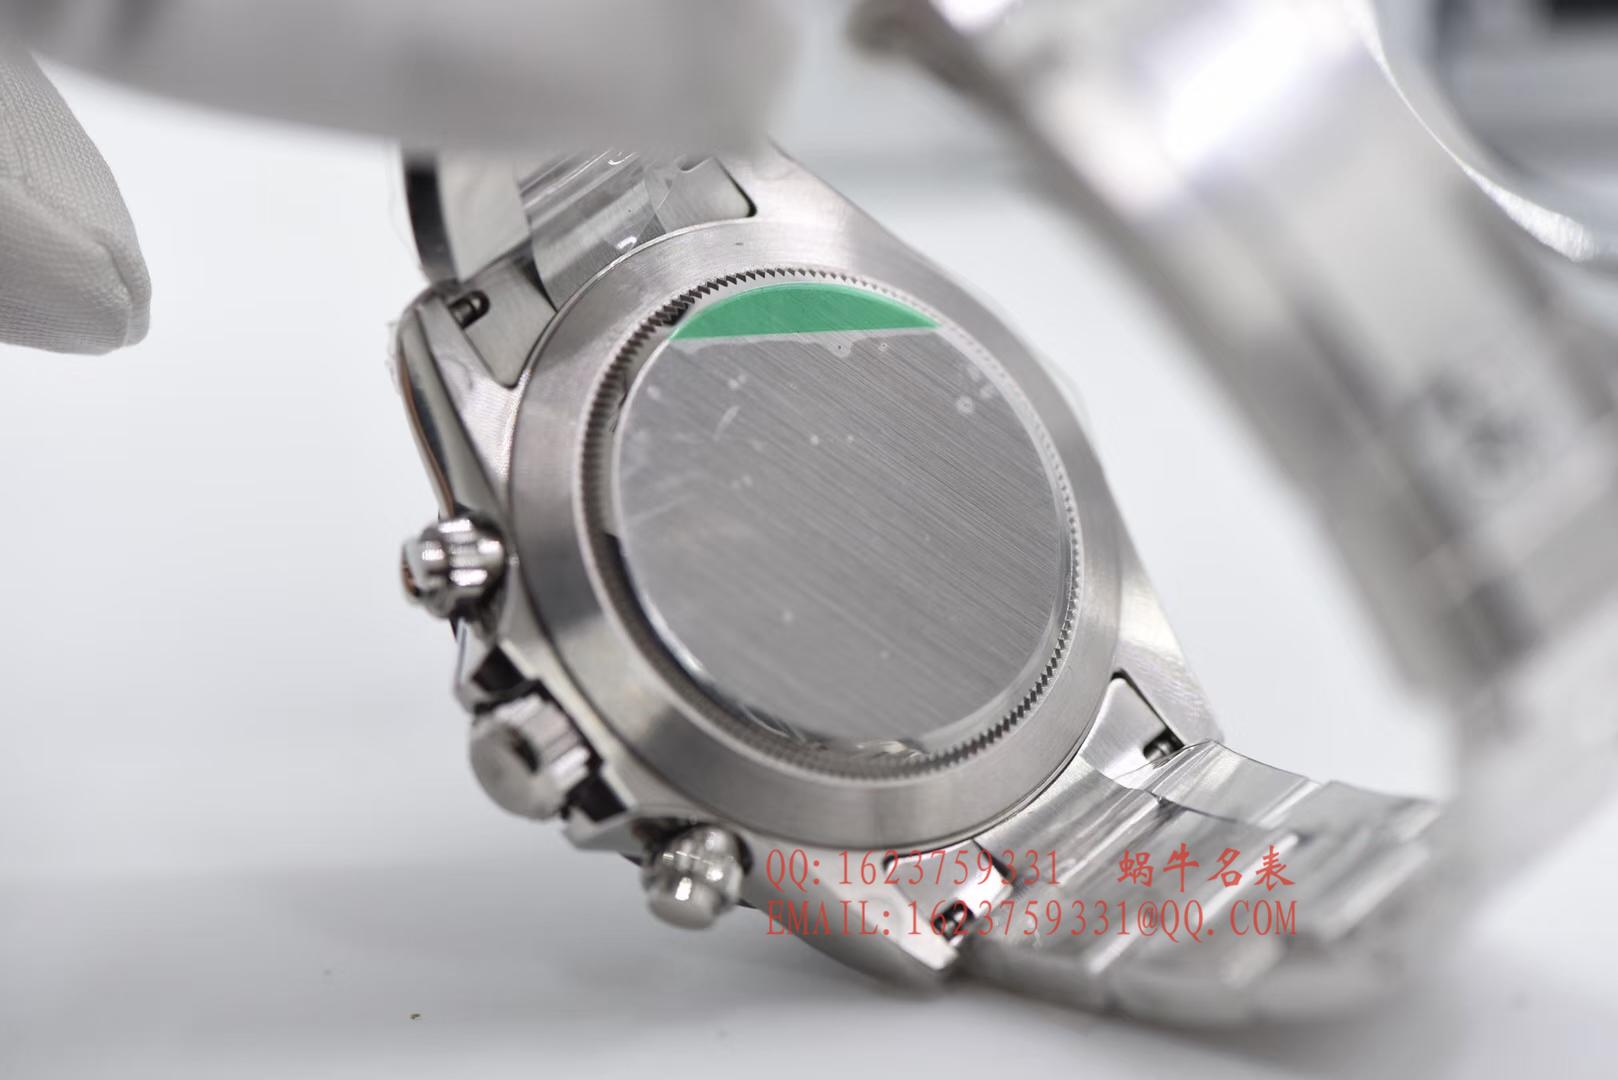 【AR一比一超A高仿手表】劳力士宇宙计型迪通拿系列116500LN-78590白盘腕表《熊猫迪通拿》 / RBI022